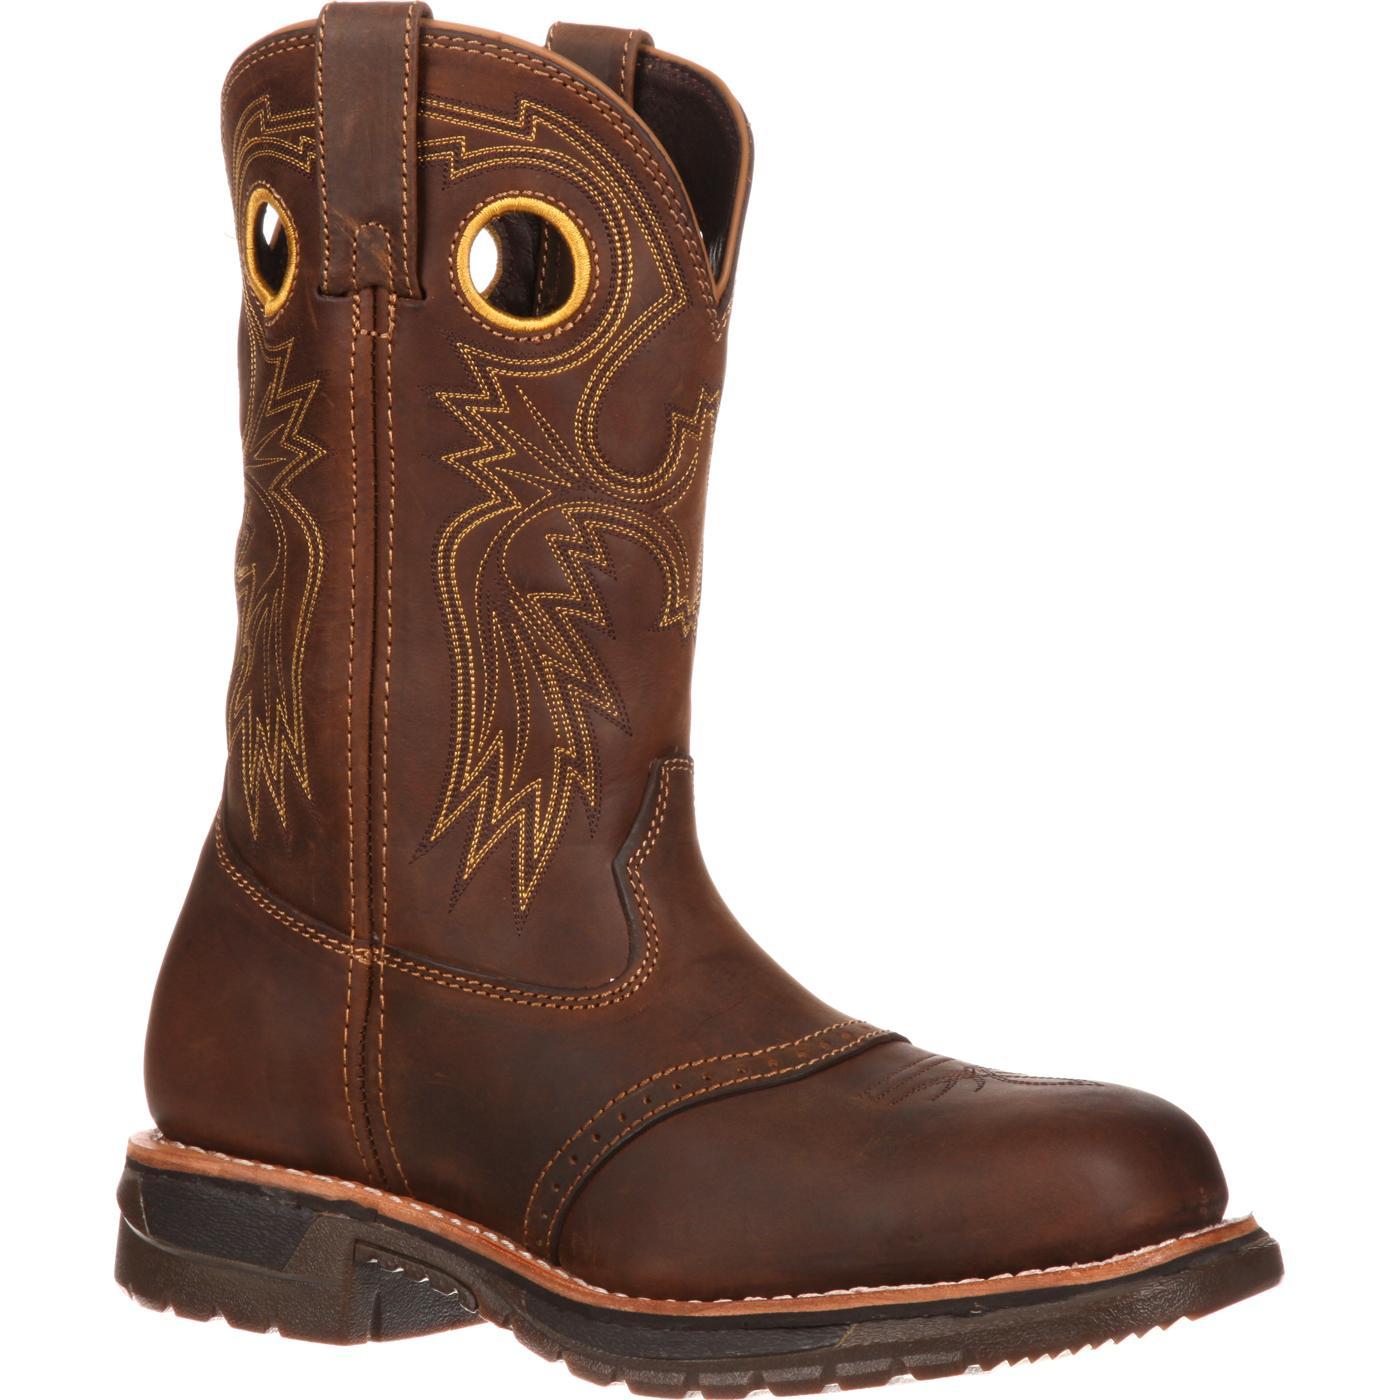 Rocky Original Ride Men's ... Steel-Toe Western Work Boots fgFlLUpeUl